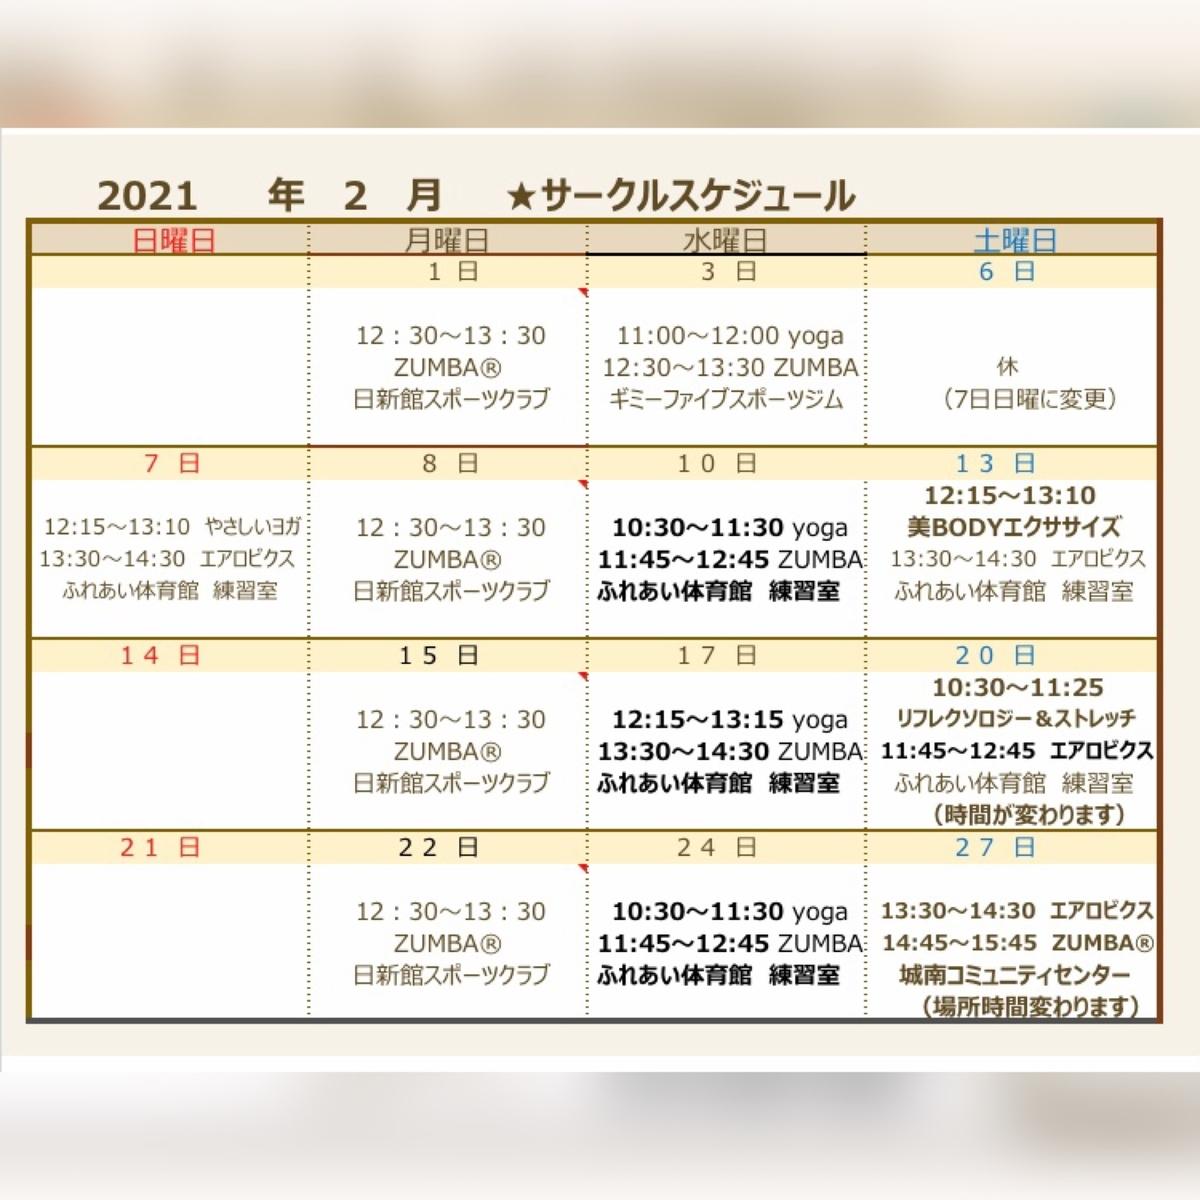 f:id:ryuromi3:20210201004501j:plain